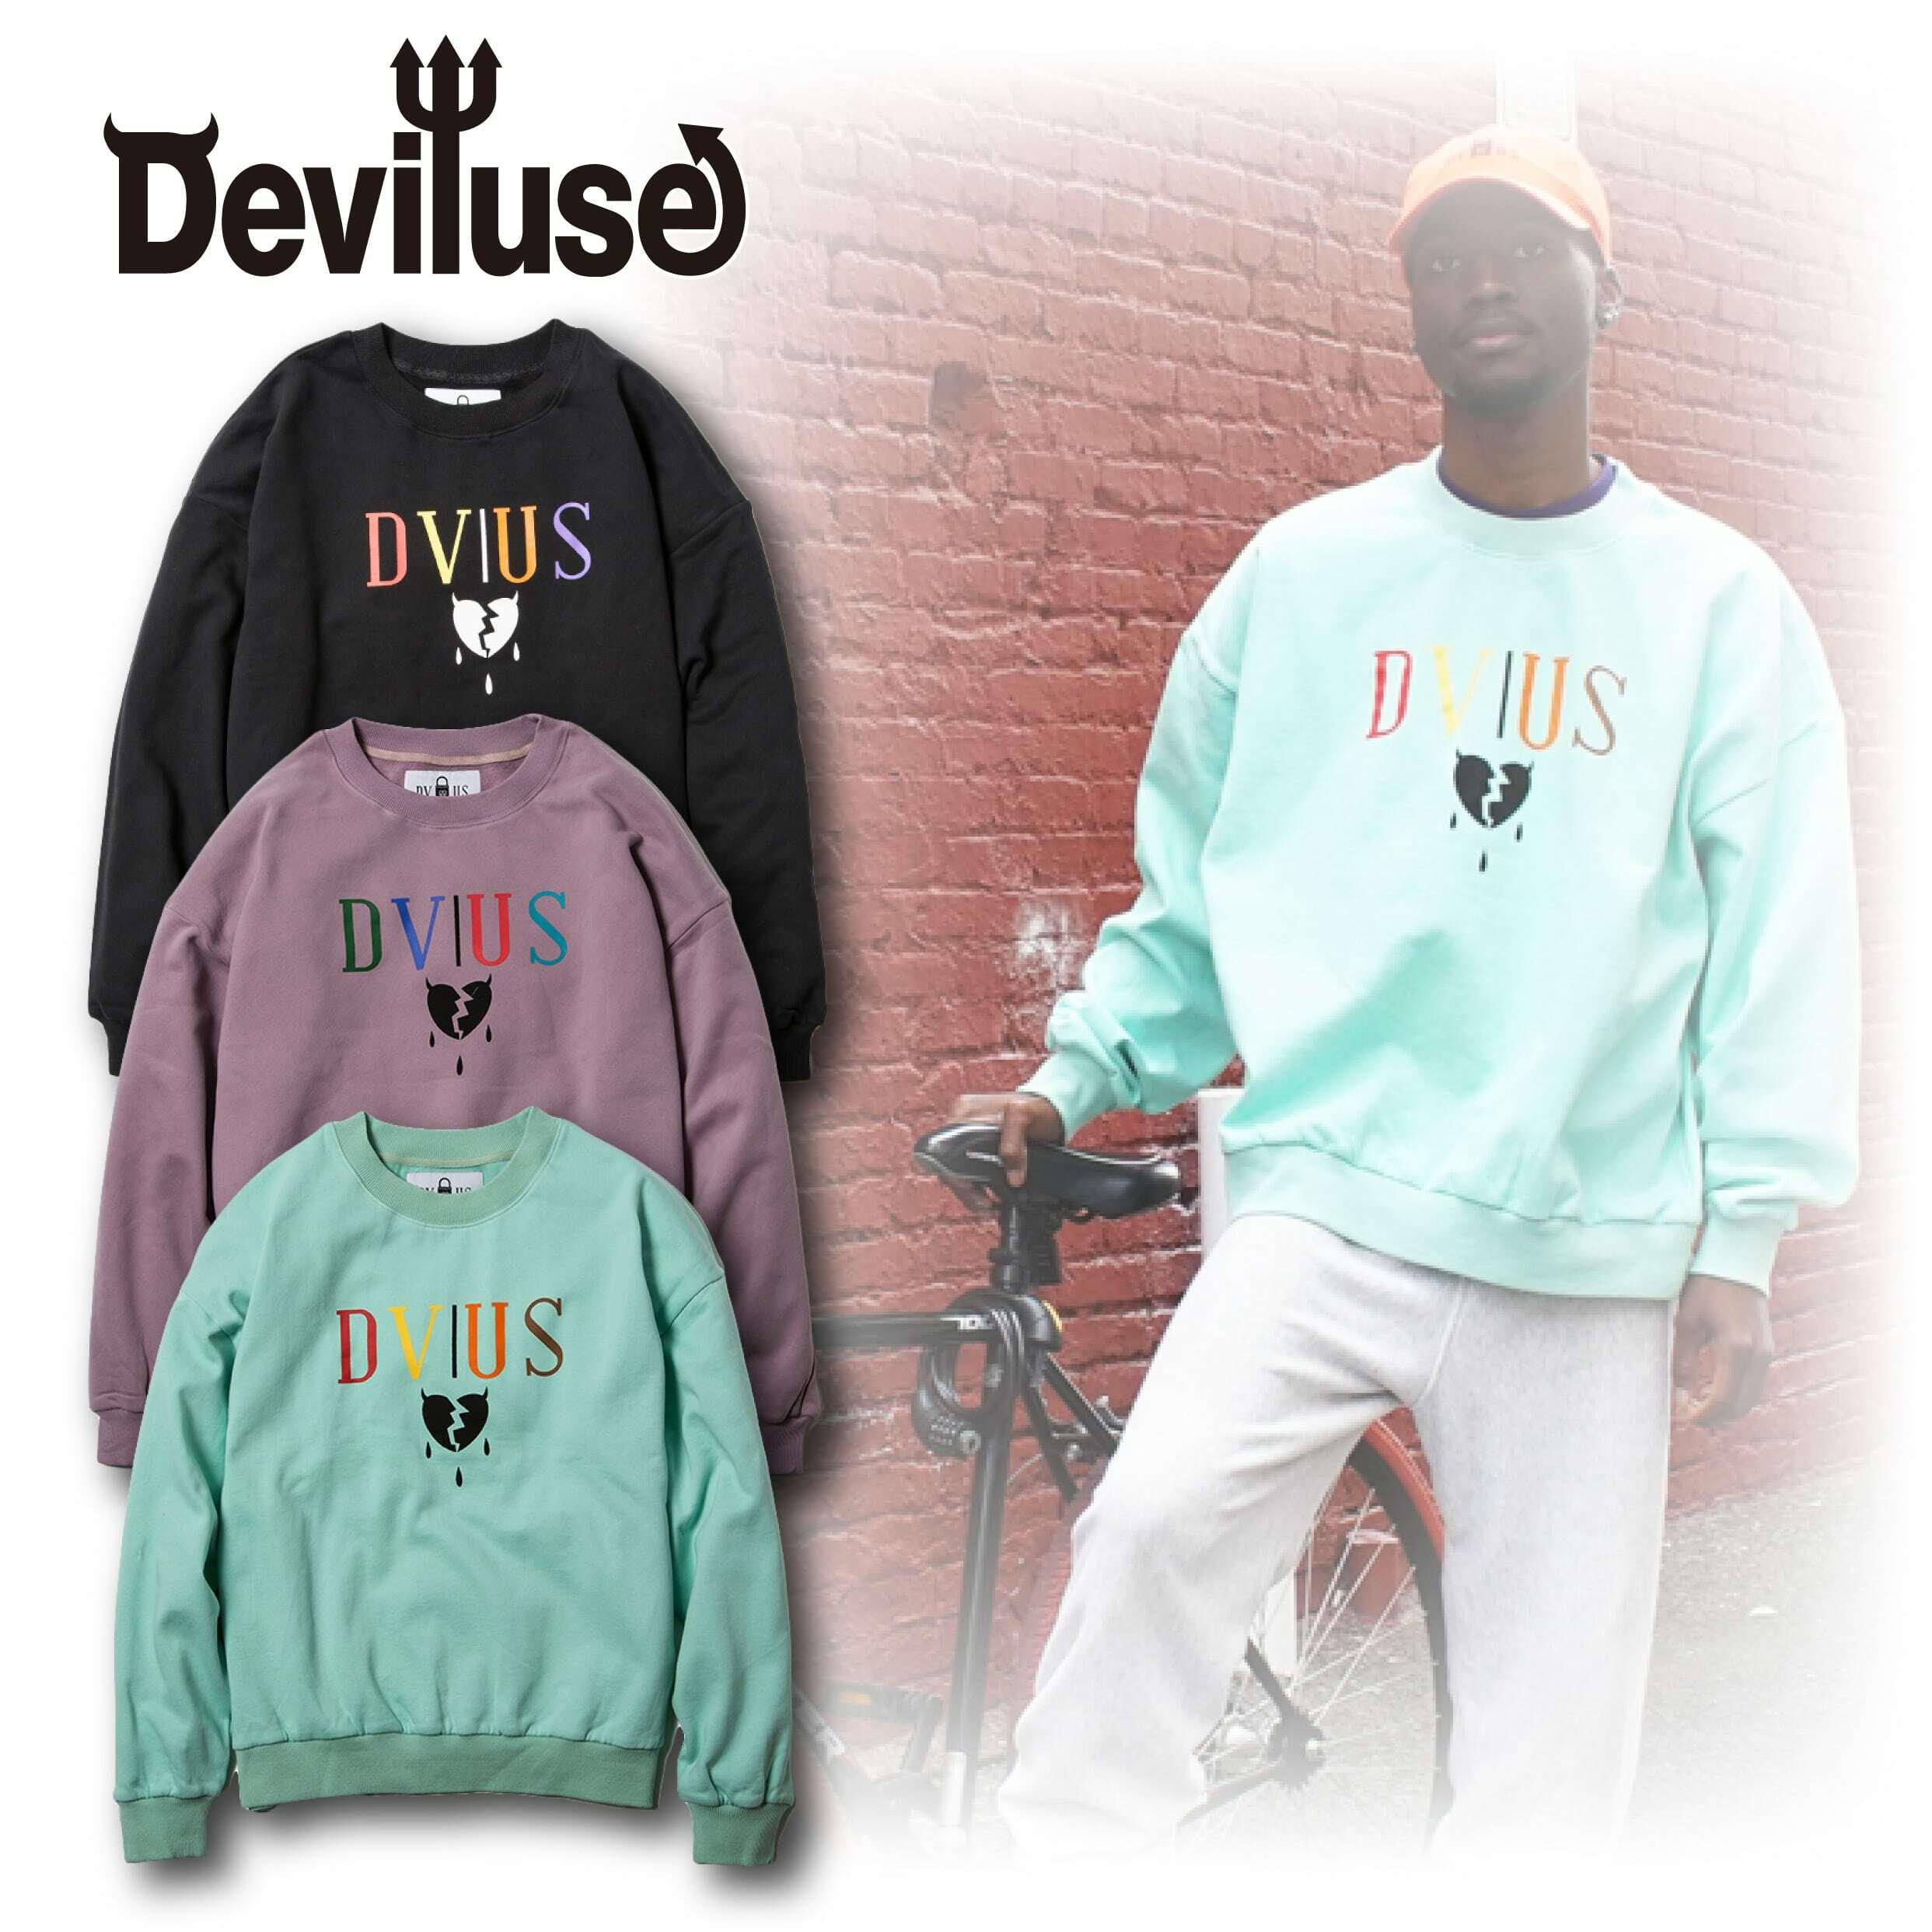 Deviluse(デビルユース) | Heartaches Crew Neck